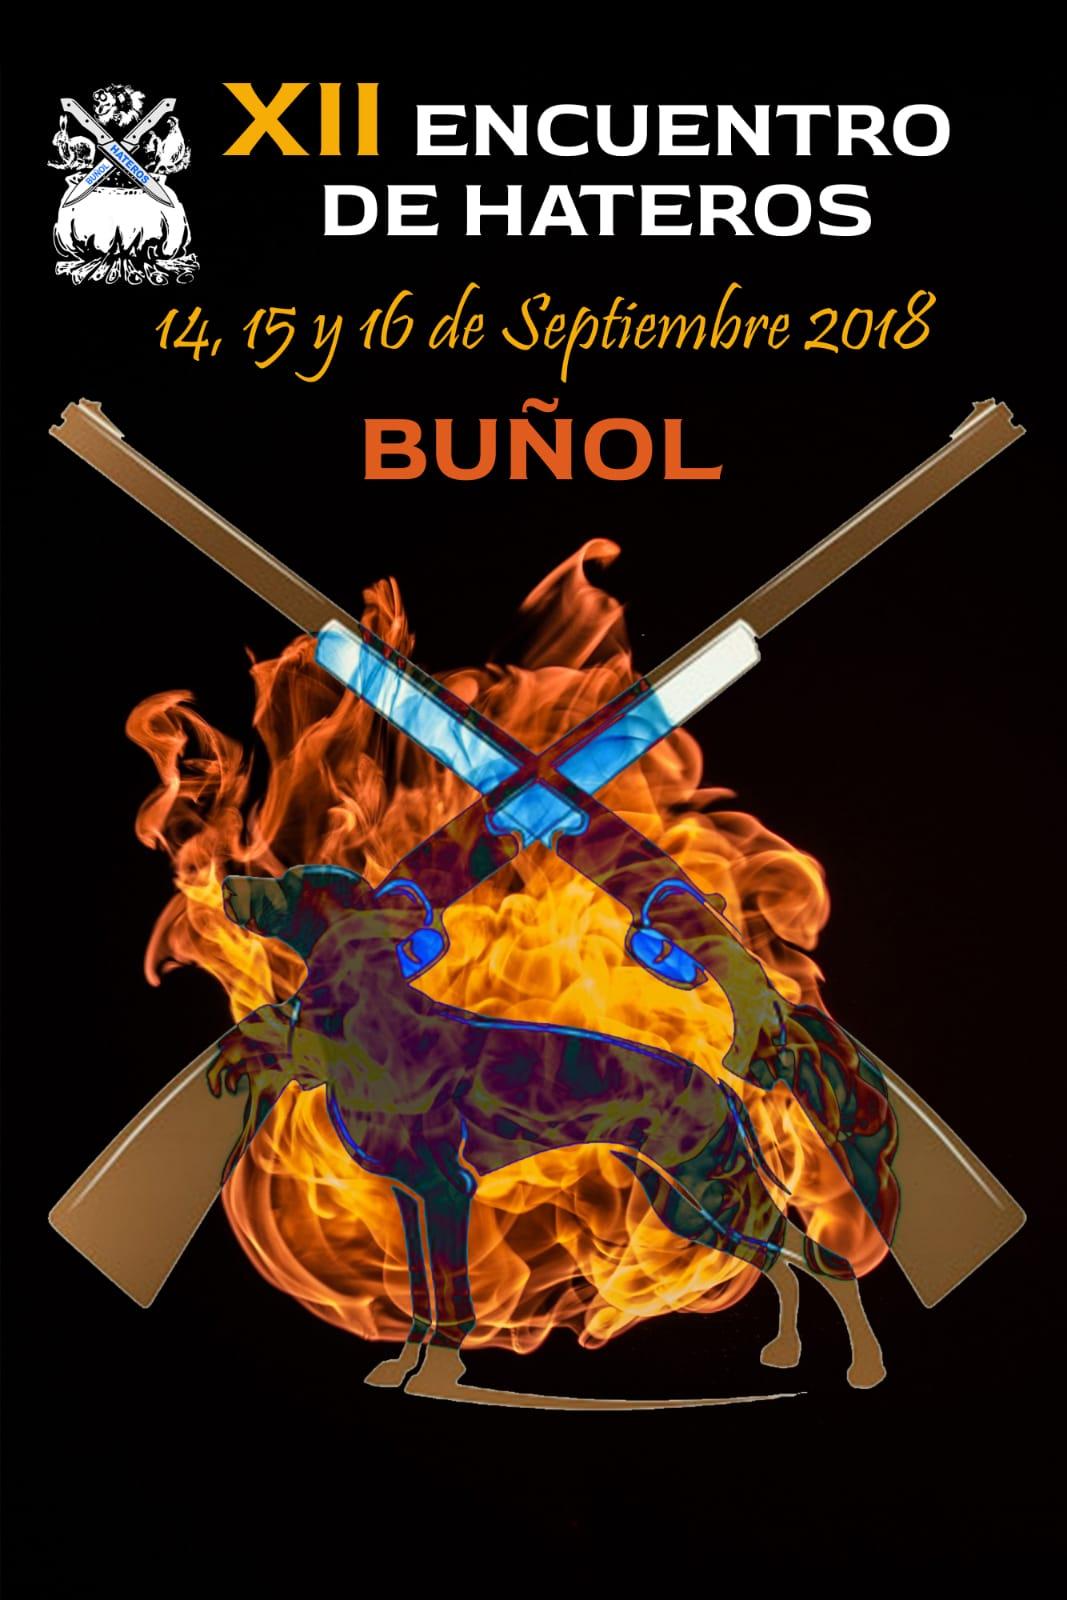 El tradicional evento tendrá lugar el fin de semana del 14 al 16 de septiembre